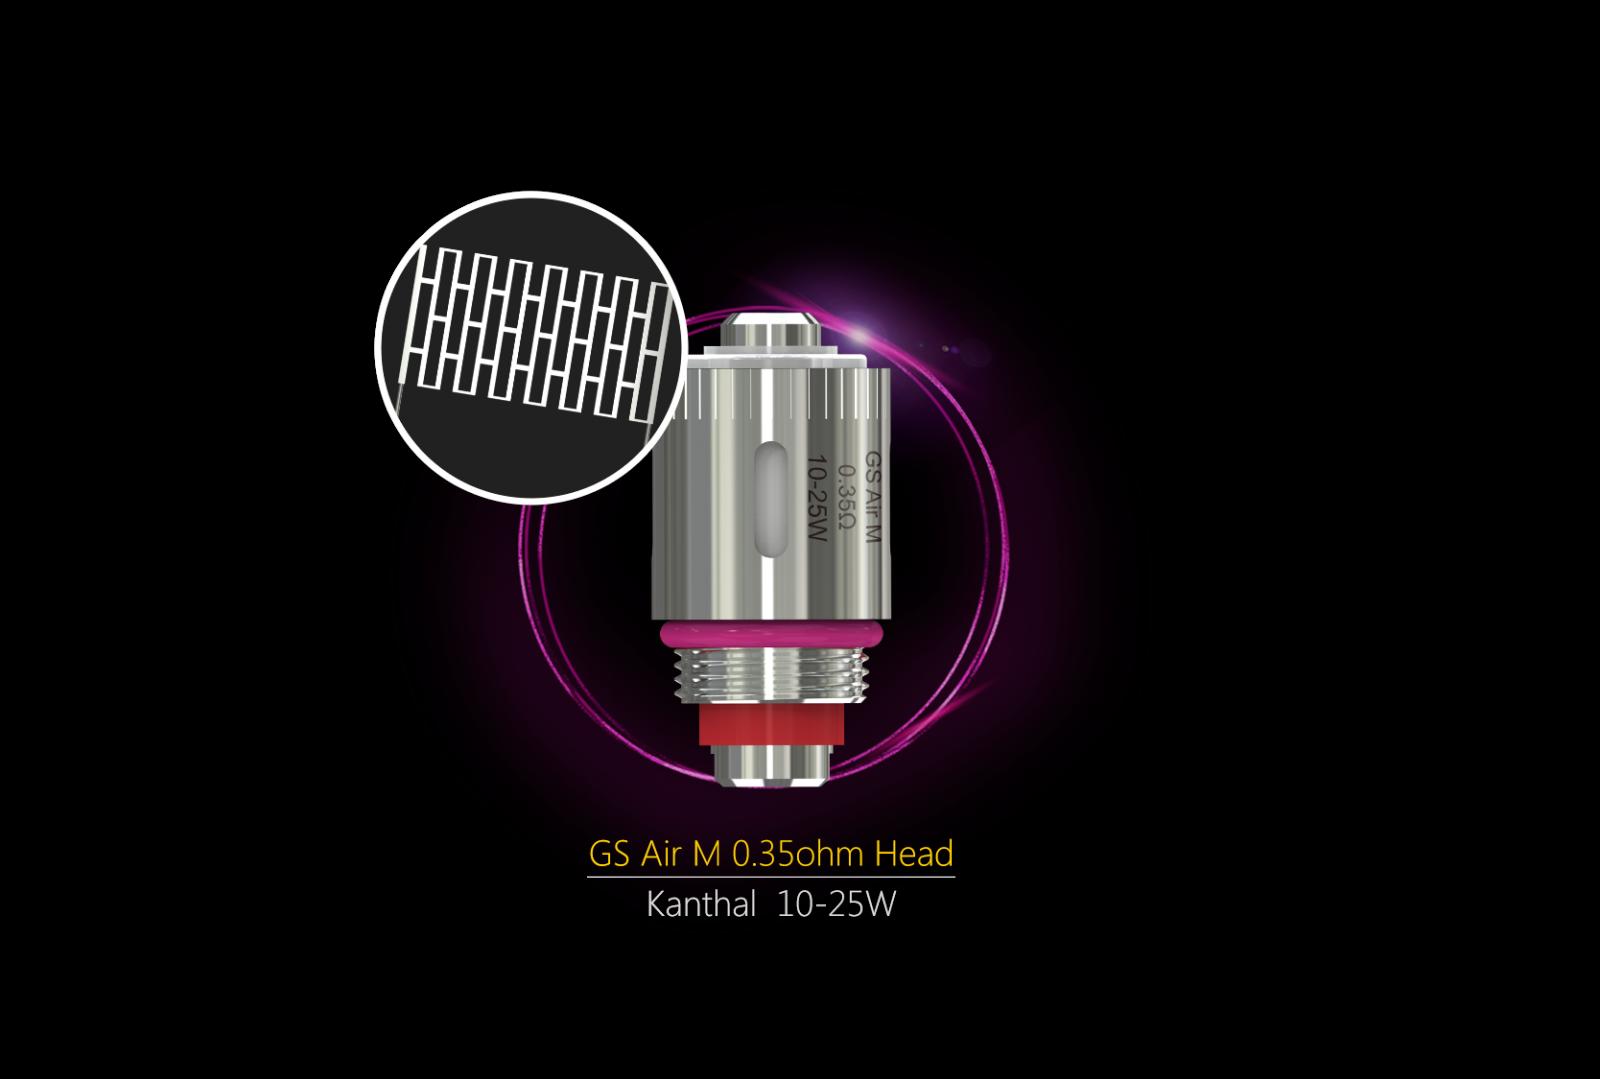 RESISTANCE GS AIR M 0.35